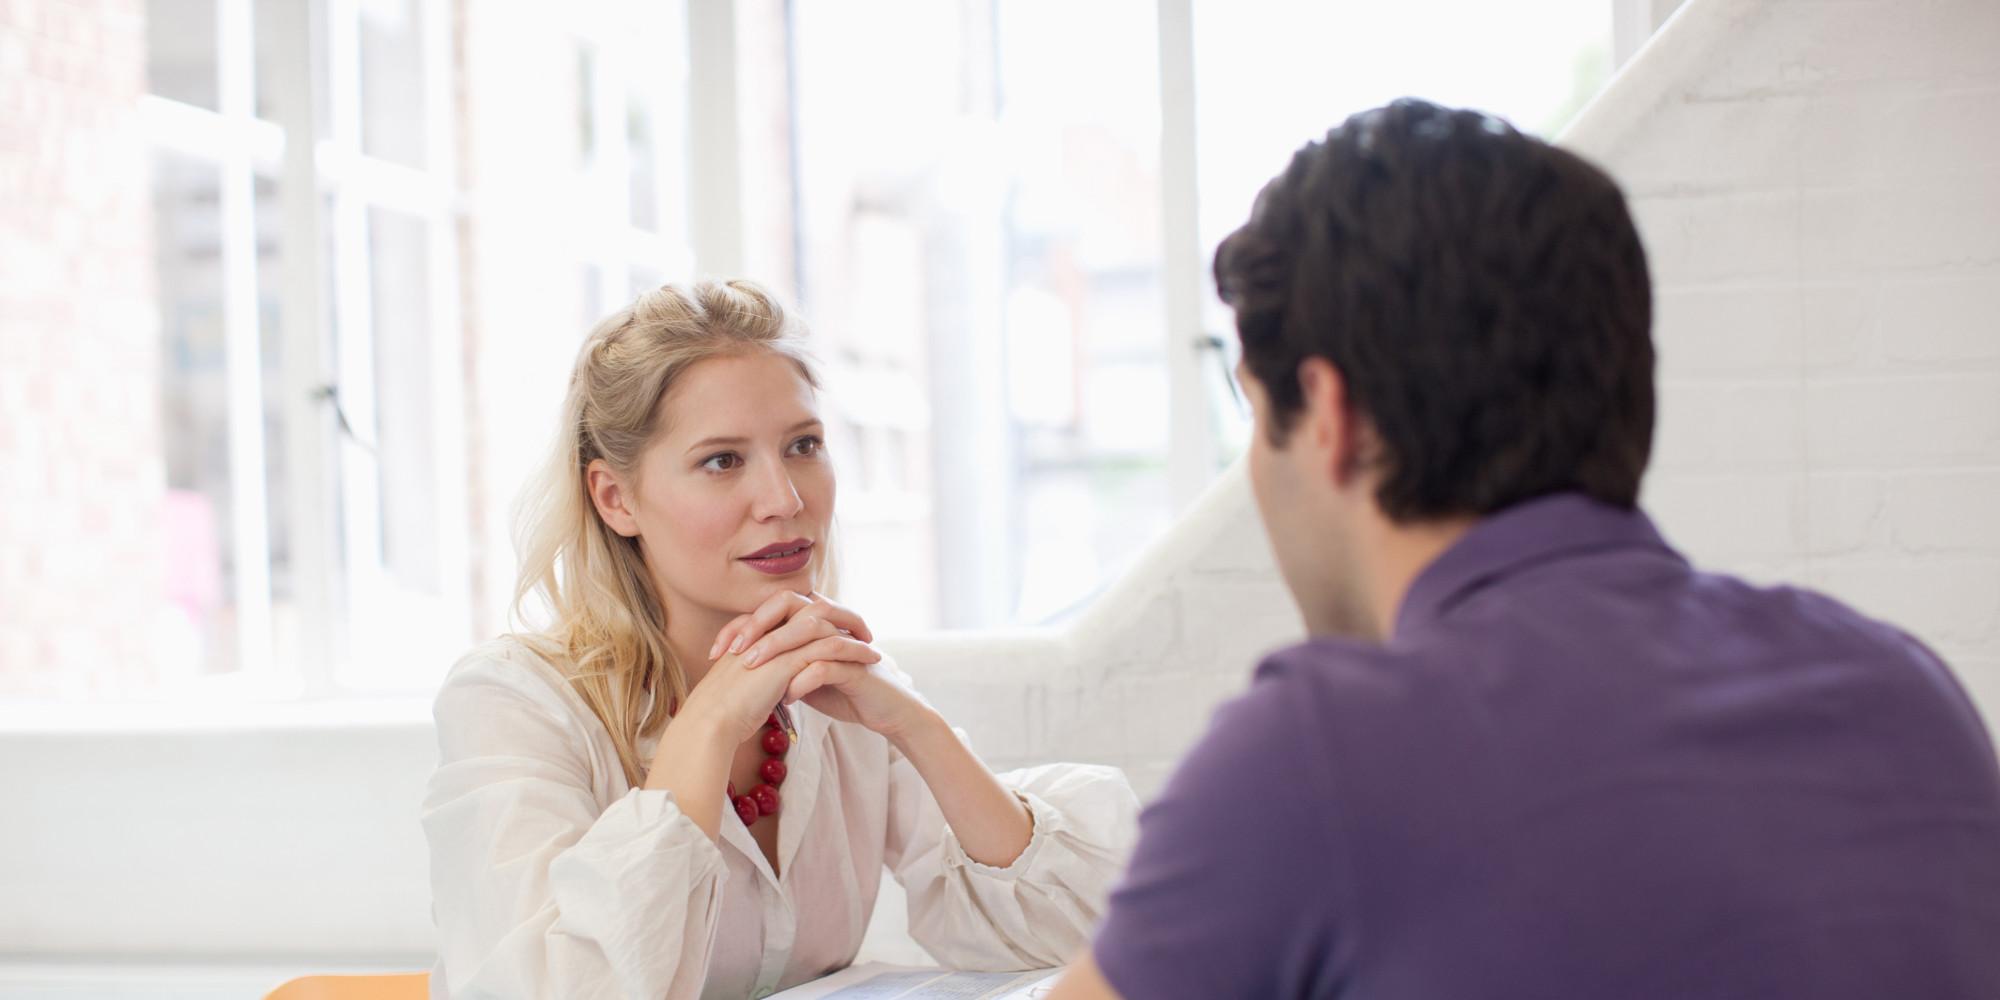 صور ماذا تحب المراة في الرجل , اول ما يجذب المراه في الرجل